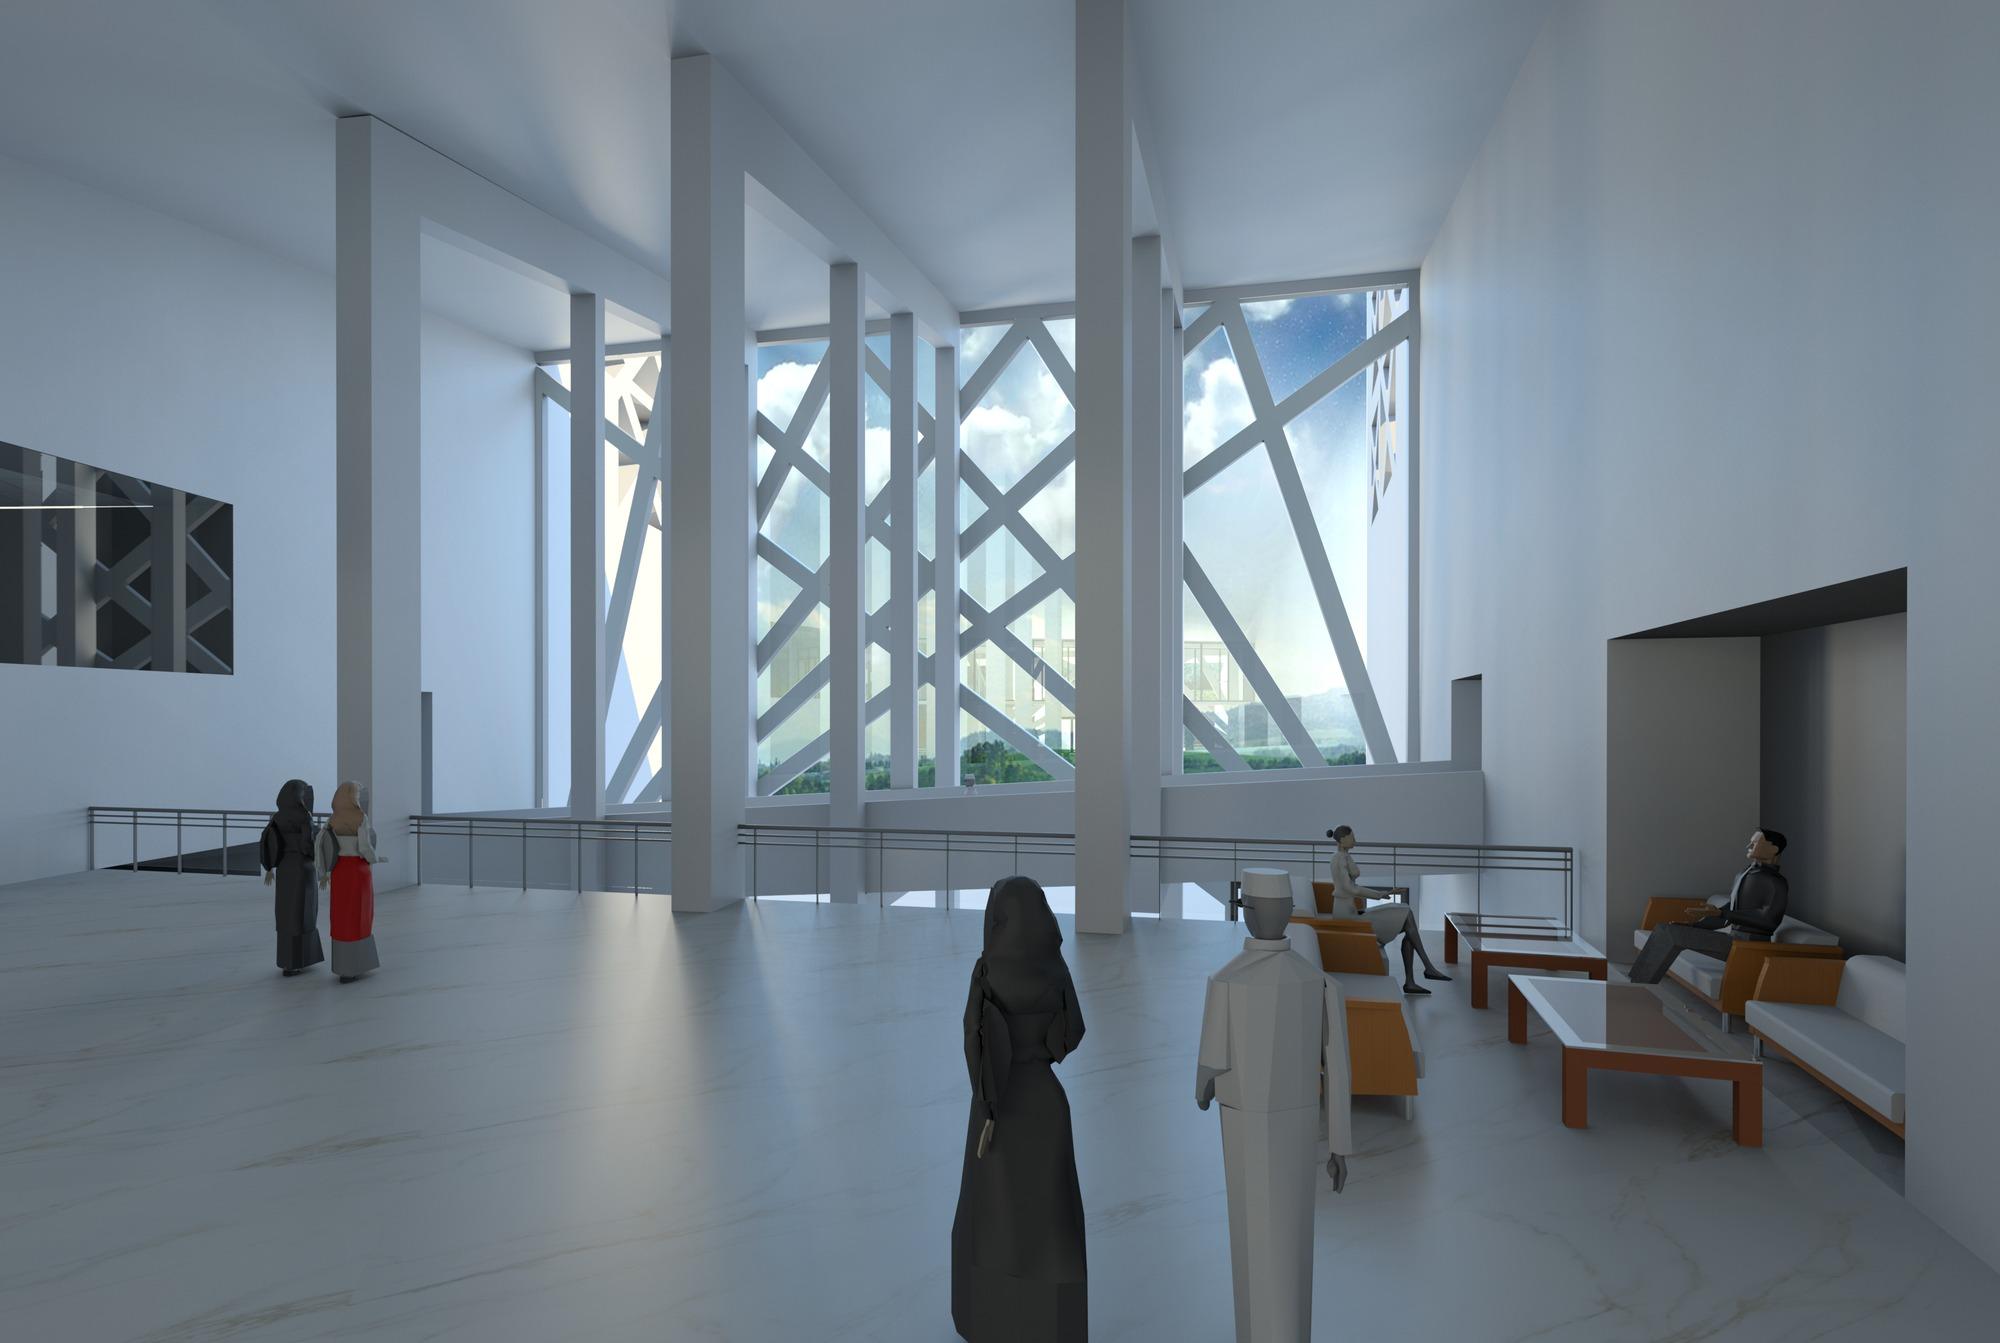 Raas-rendering20141103-3241-m7n4n5